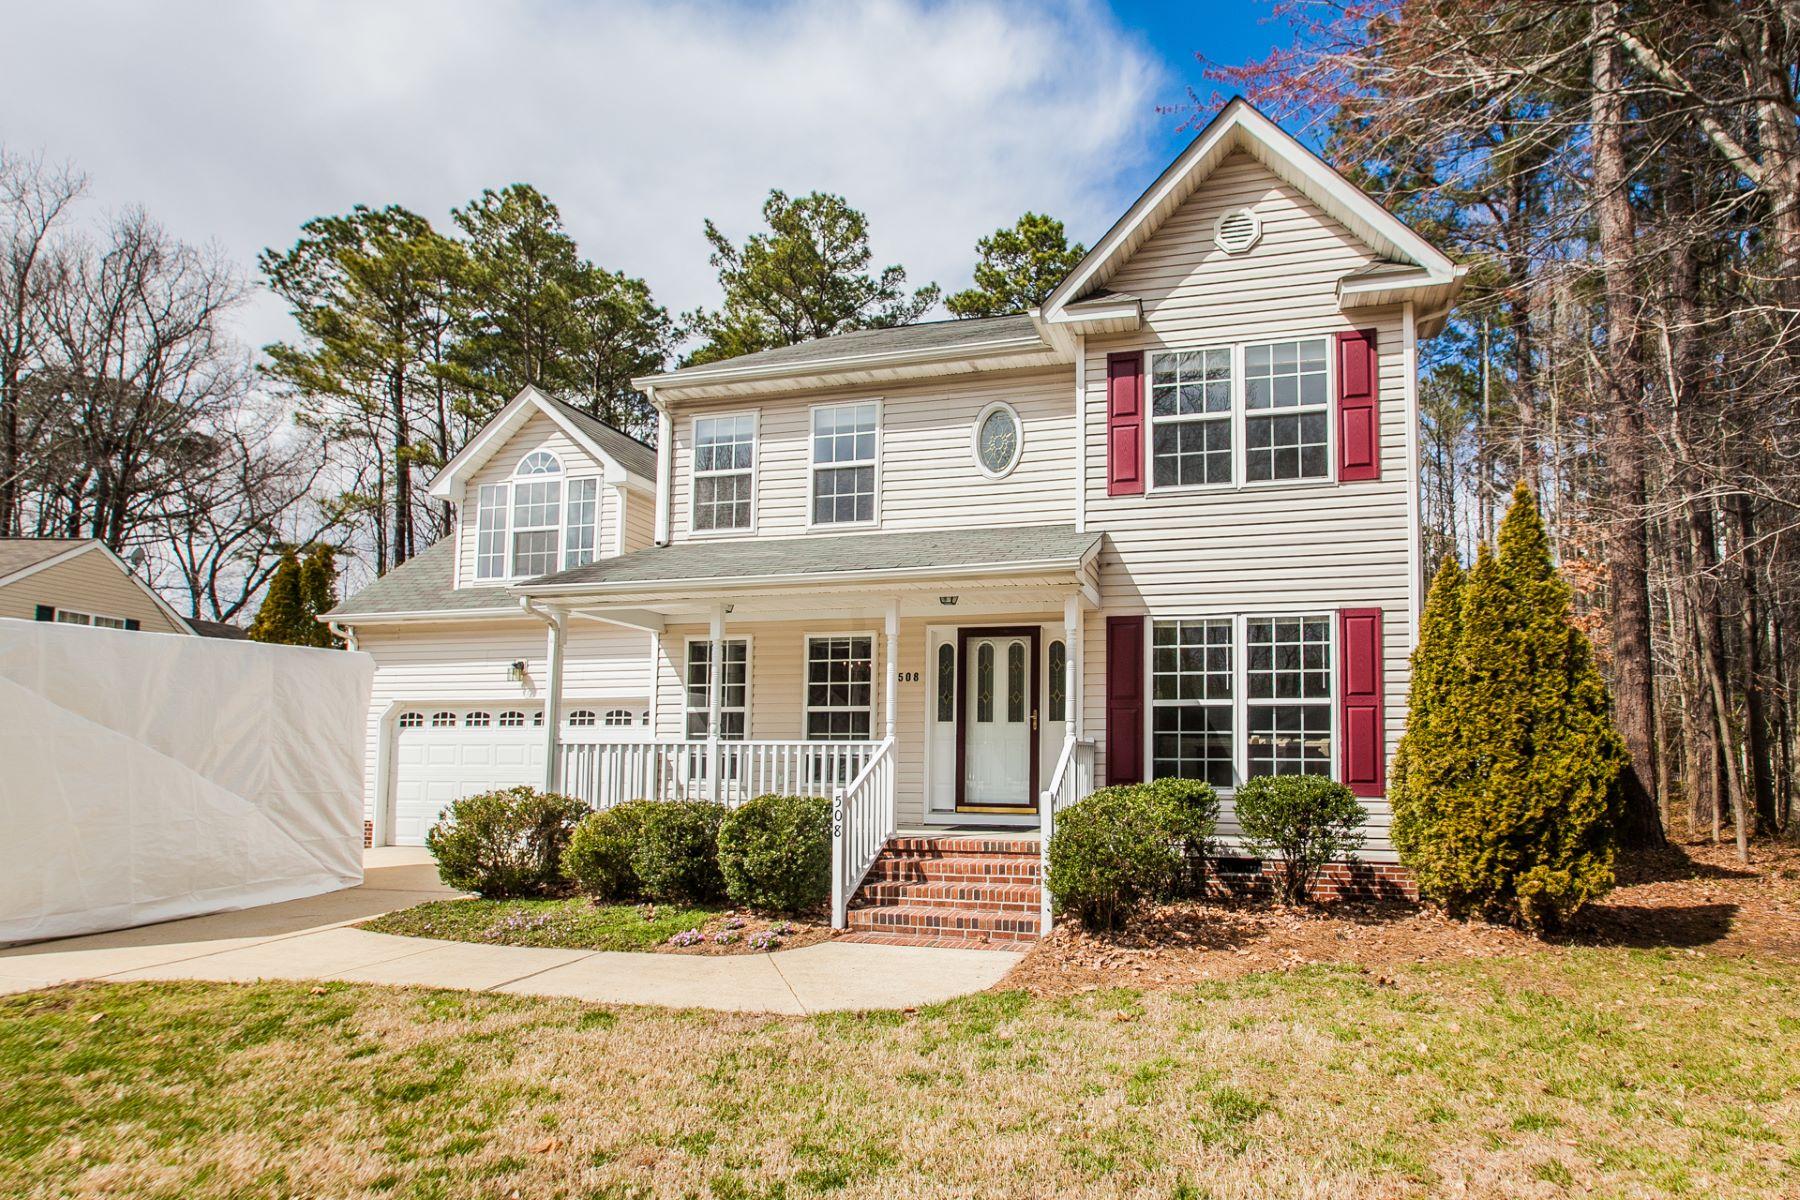 Частный односемейный дом для того Продажа на Aspen Woods 508 Hickory Cres, Smithfield, Виргиния, 23430 Соединенные Штаты